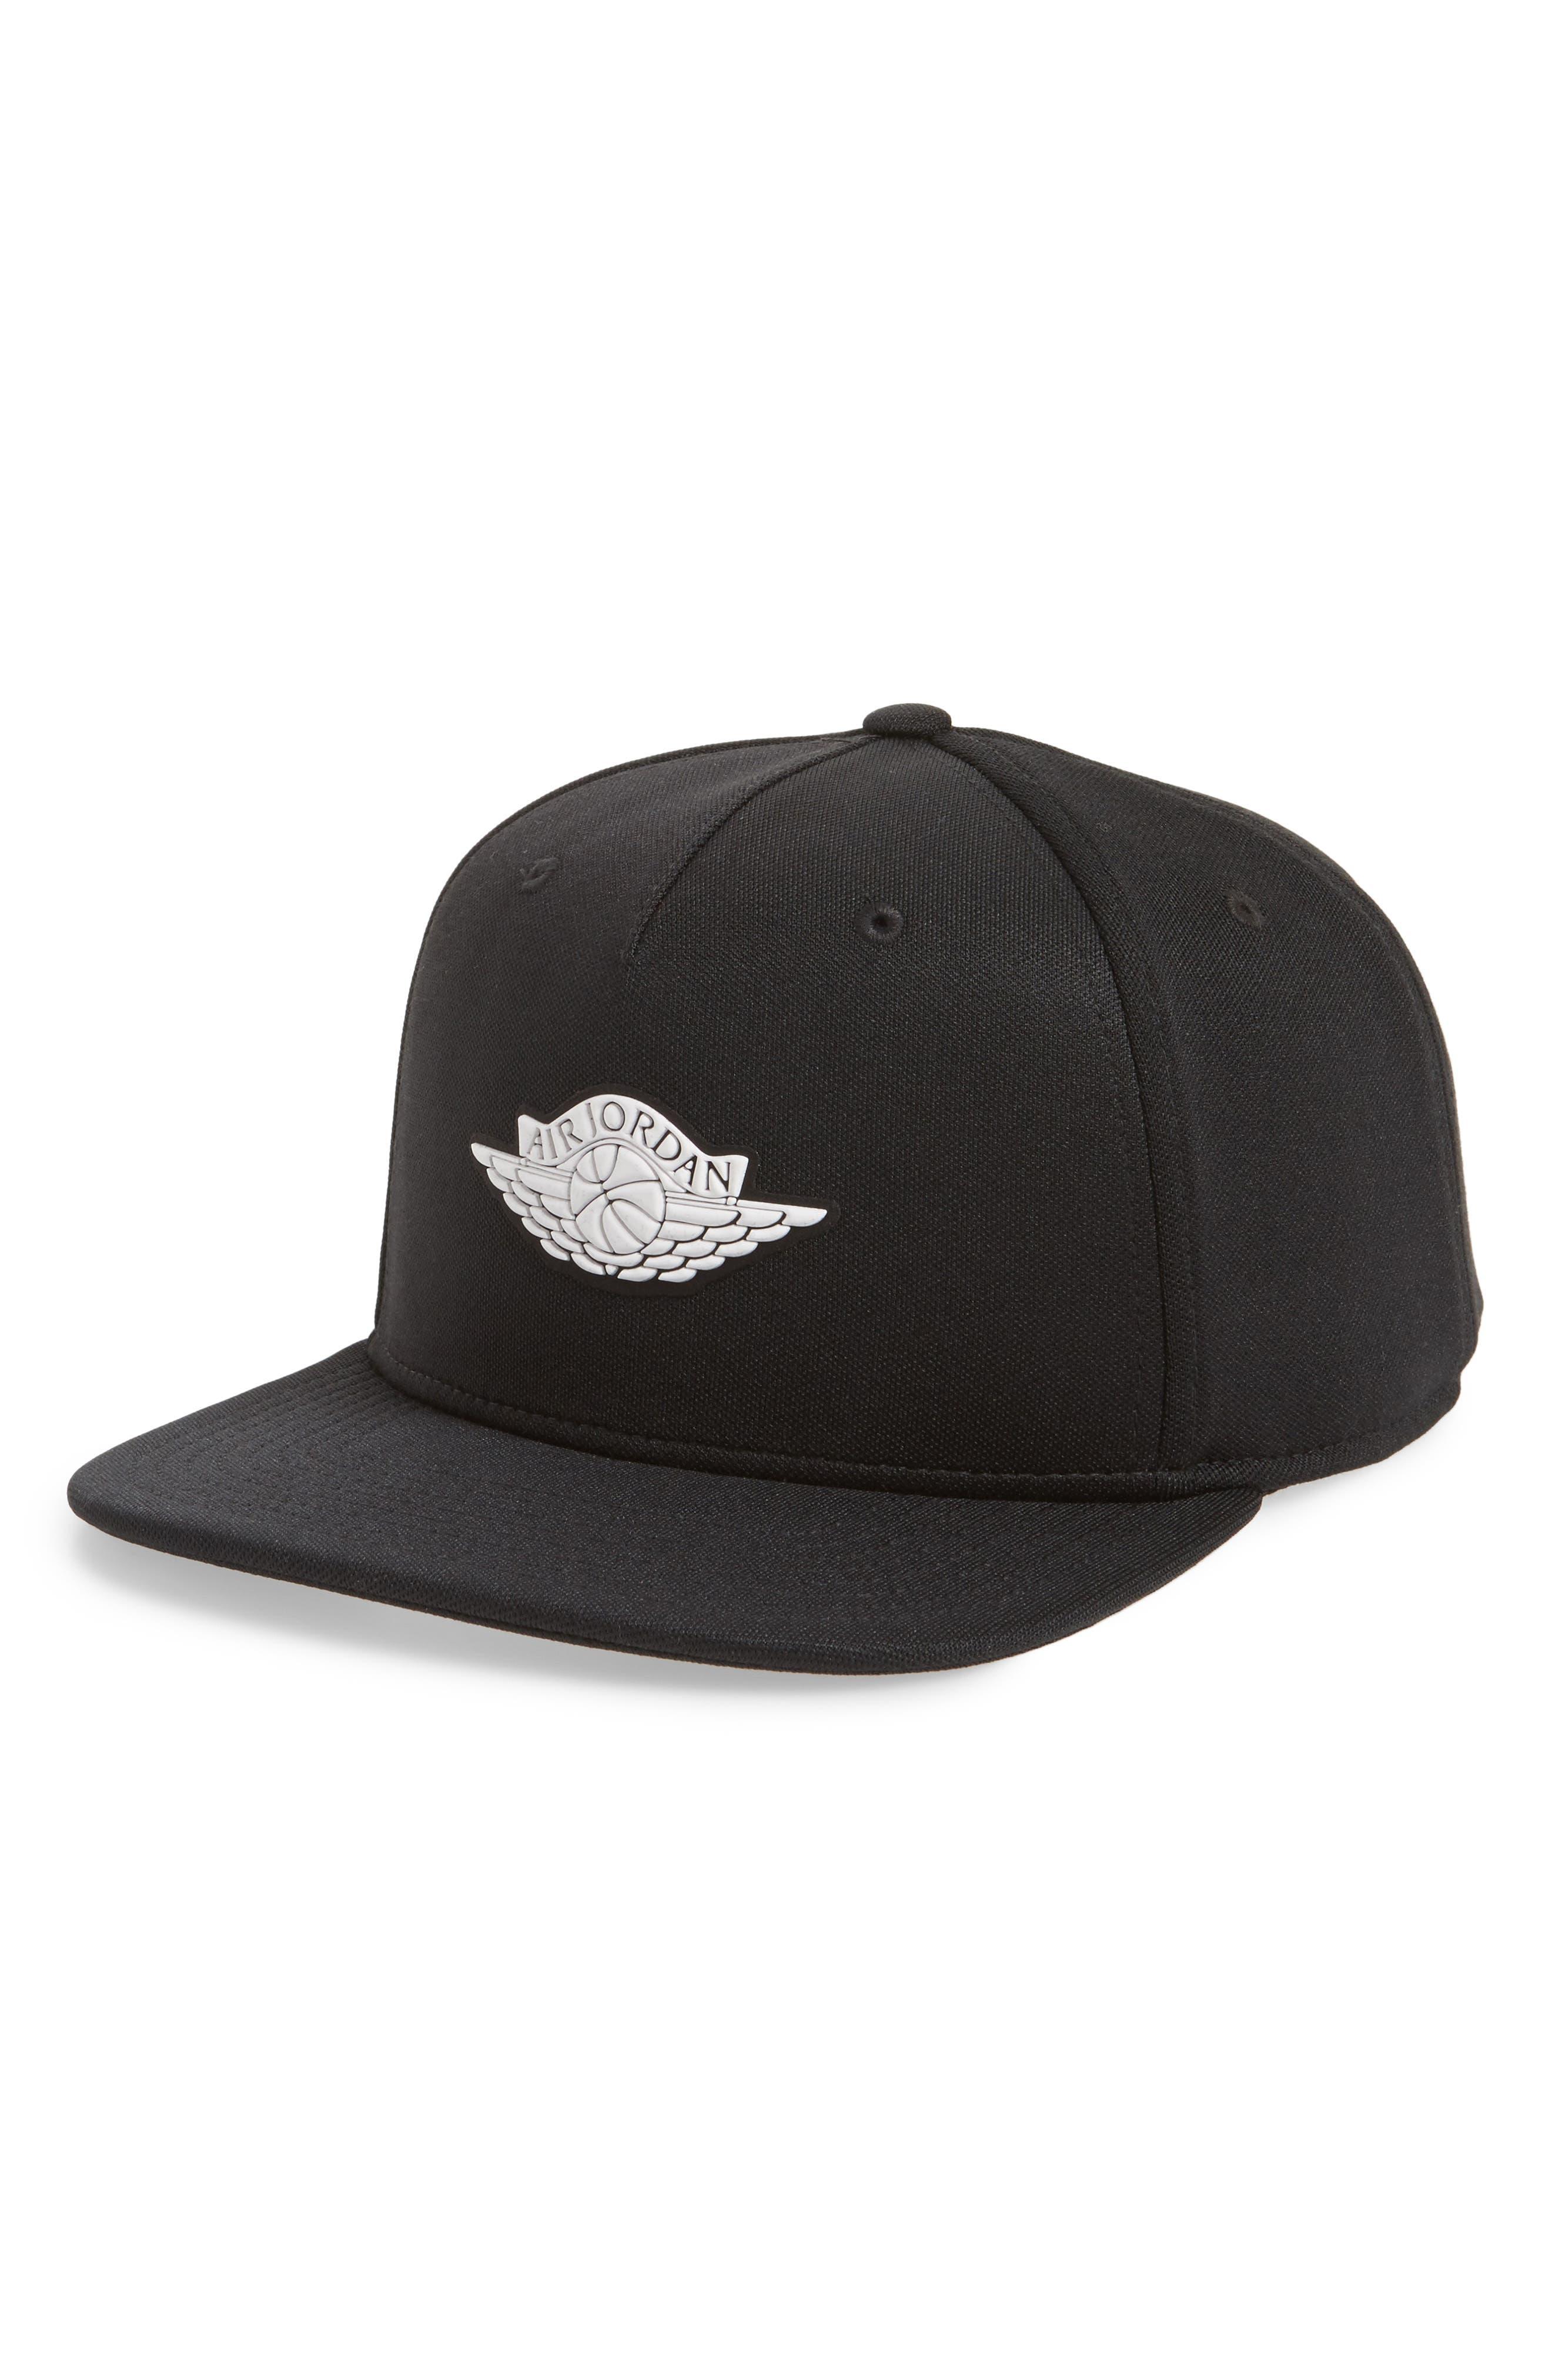 Nike Jordan Wings Snapback Baseball Cap